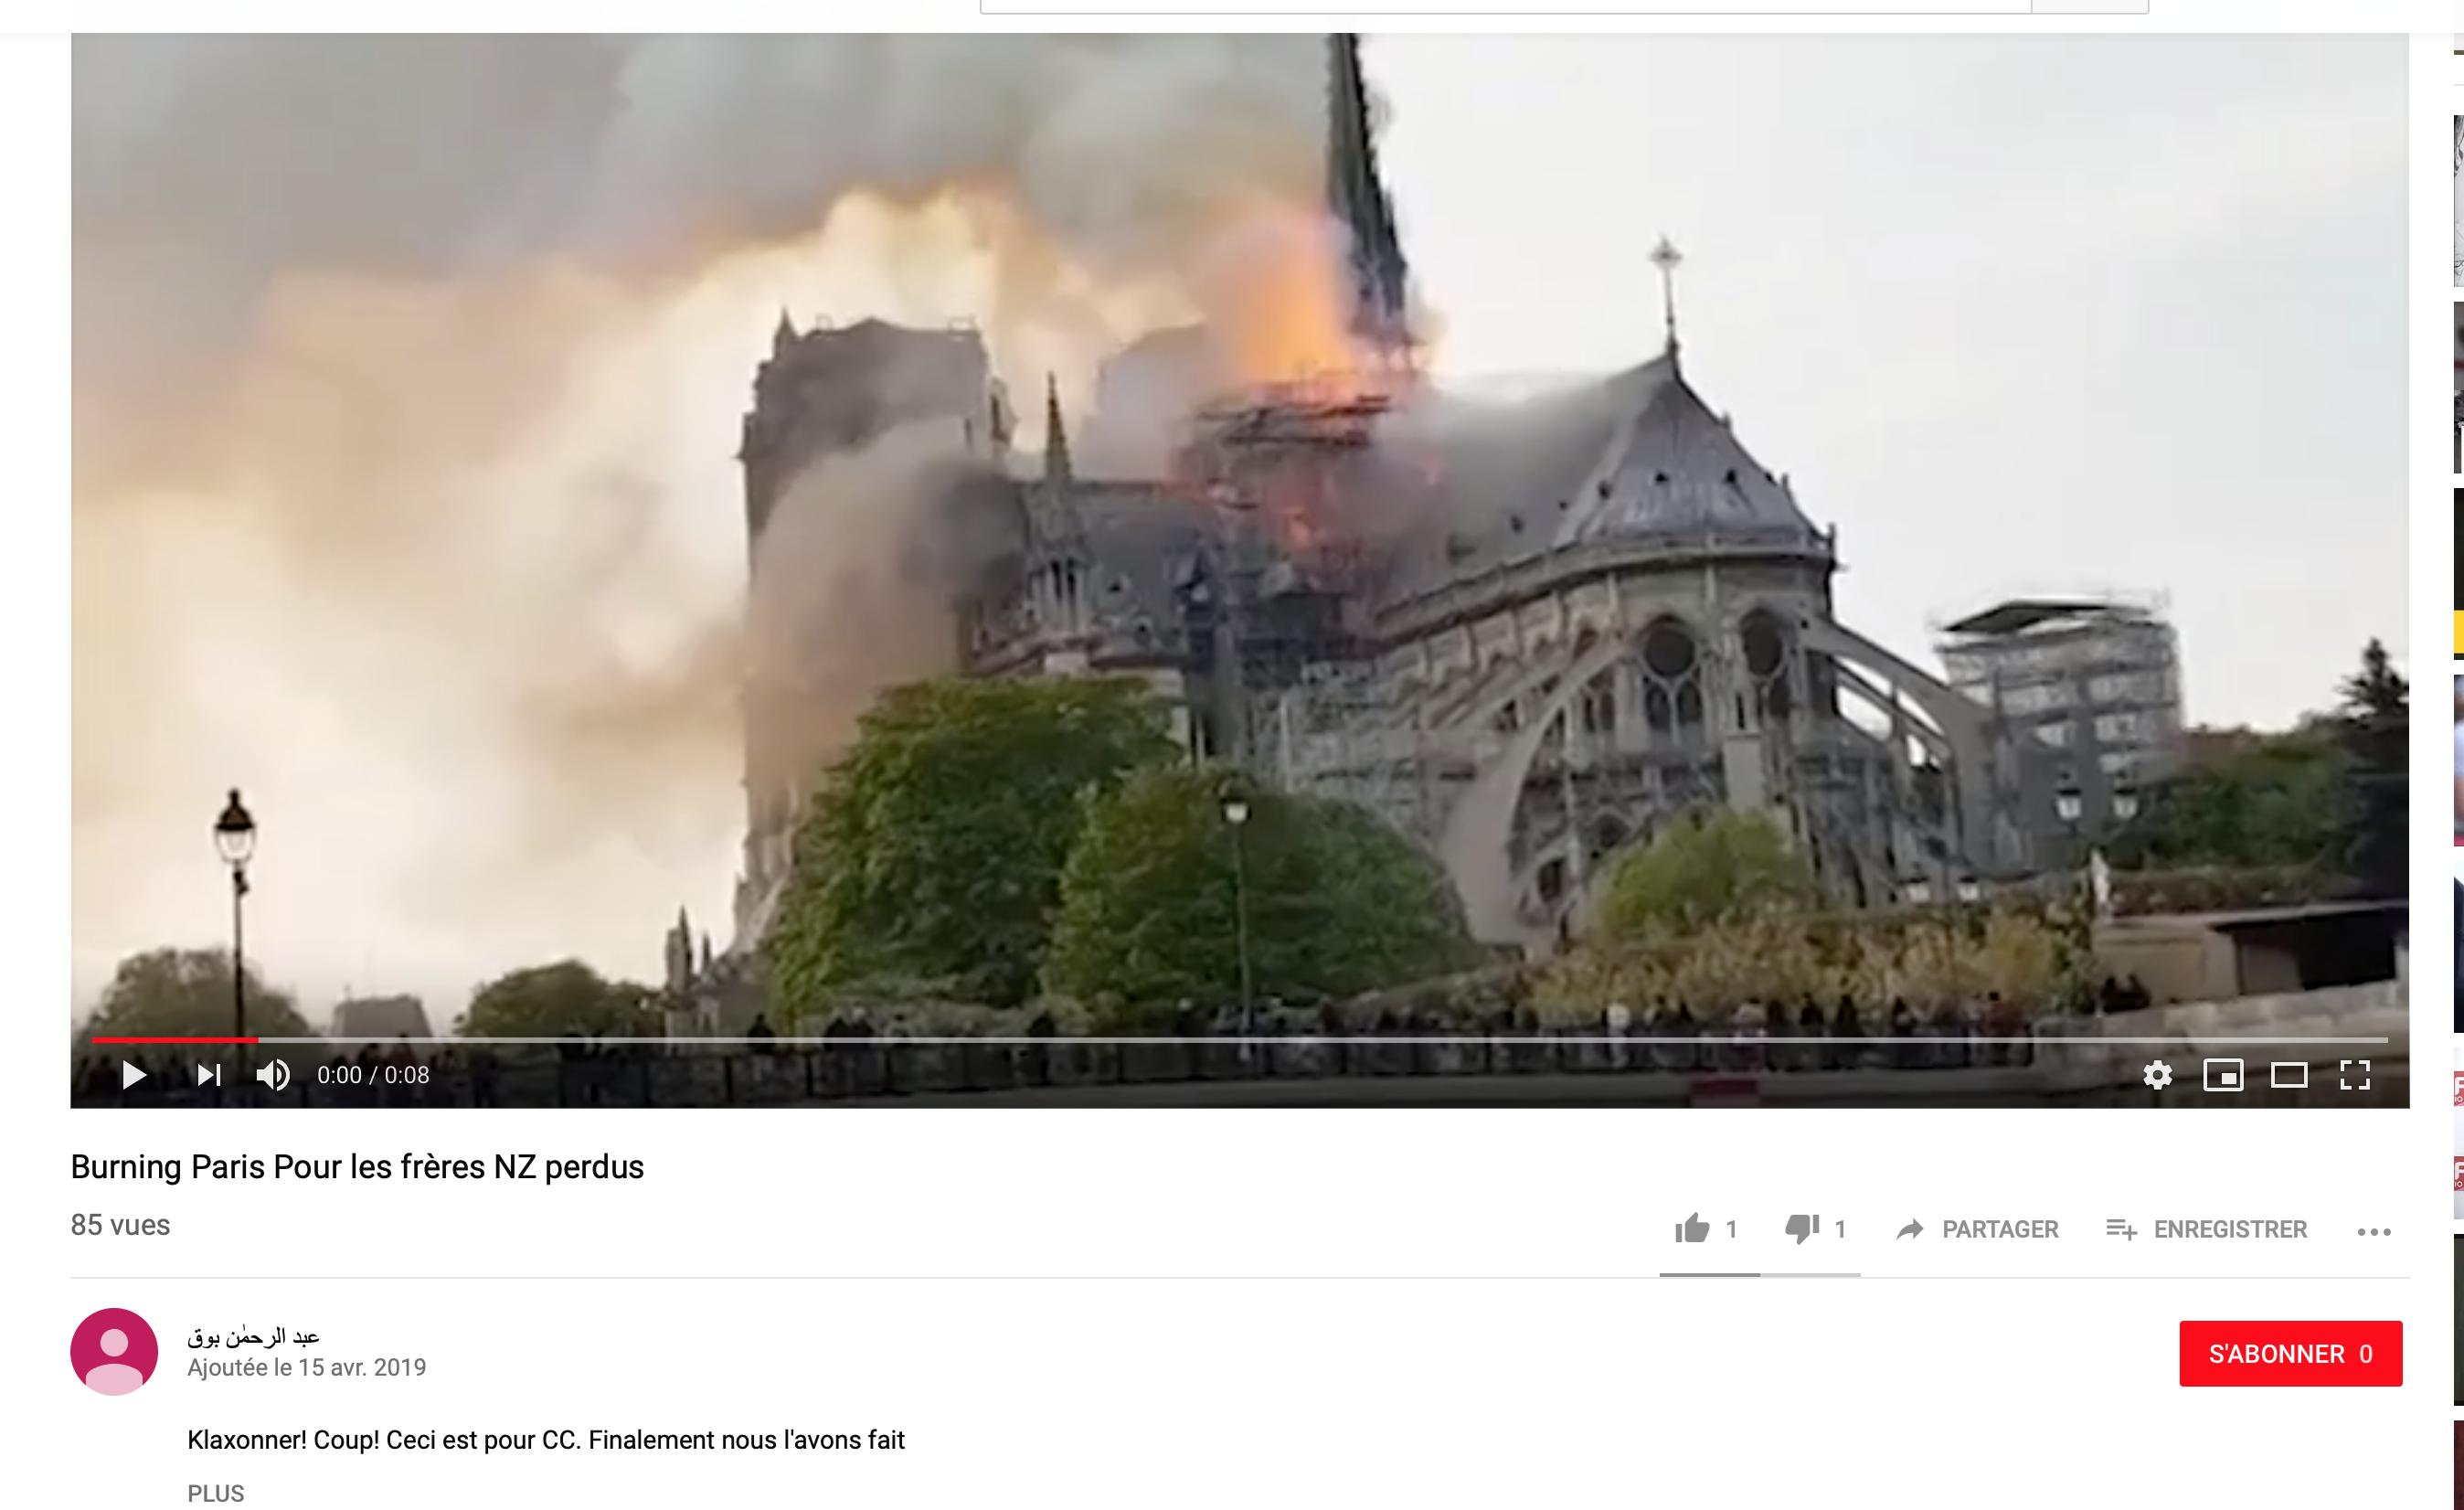 Des musulmans revendiquent l'incendie de Notre-Dame en représailles de Christchurch